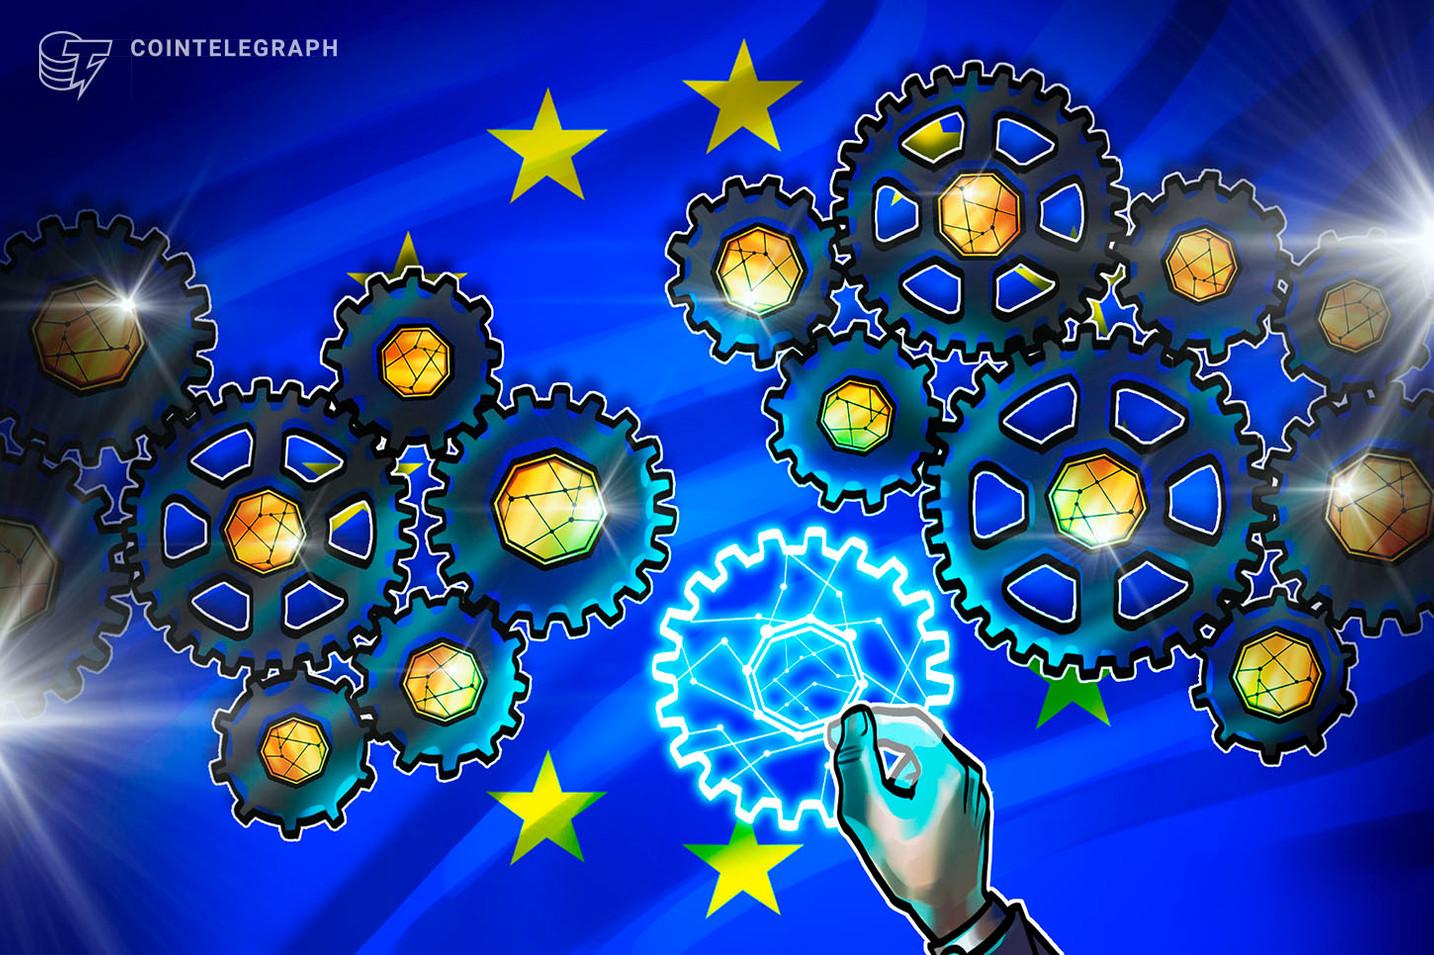 Правительство Франции настаивает на том, чтобы одно агентство регулировало криптовалюту в ЕС